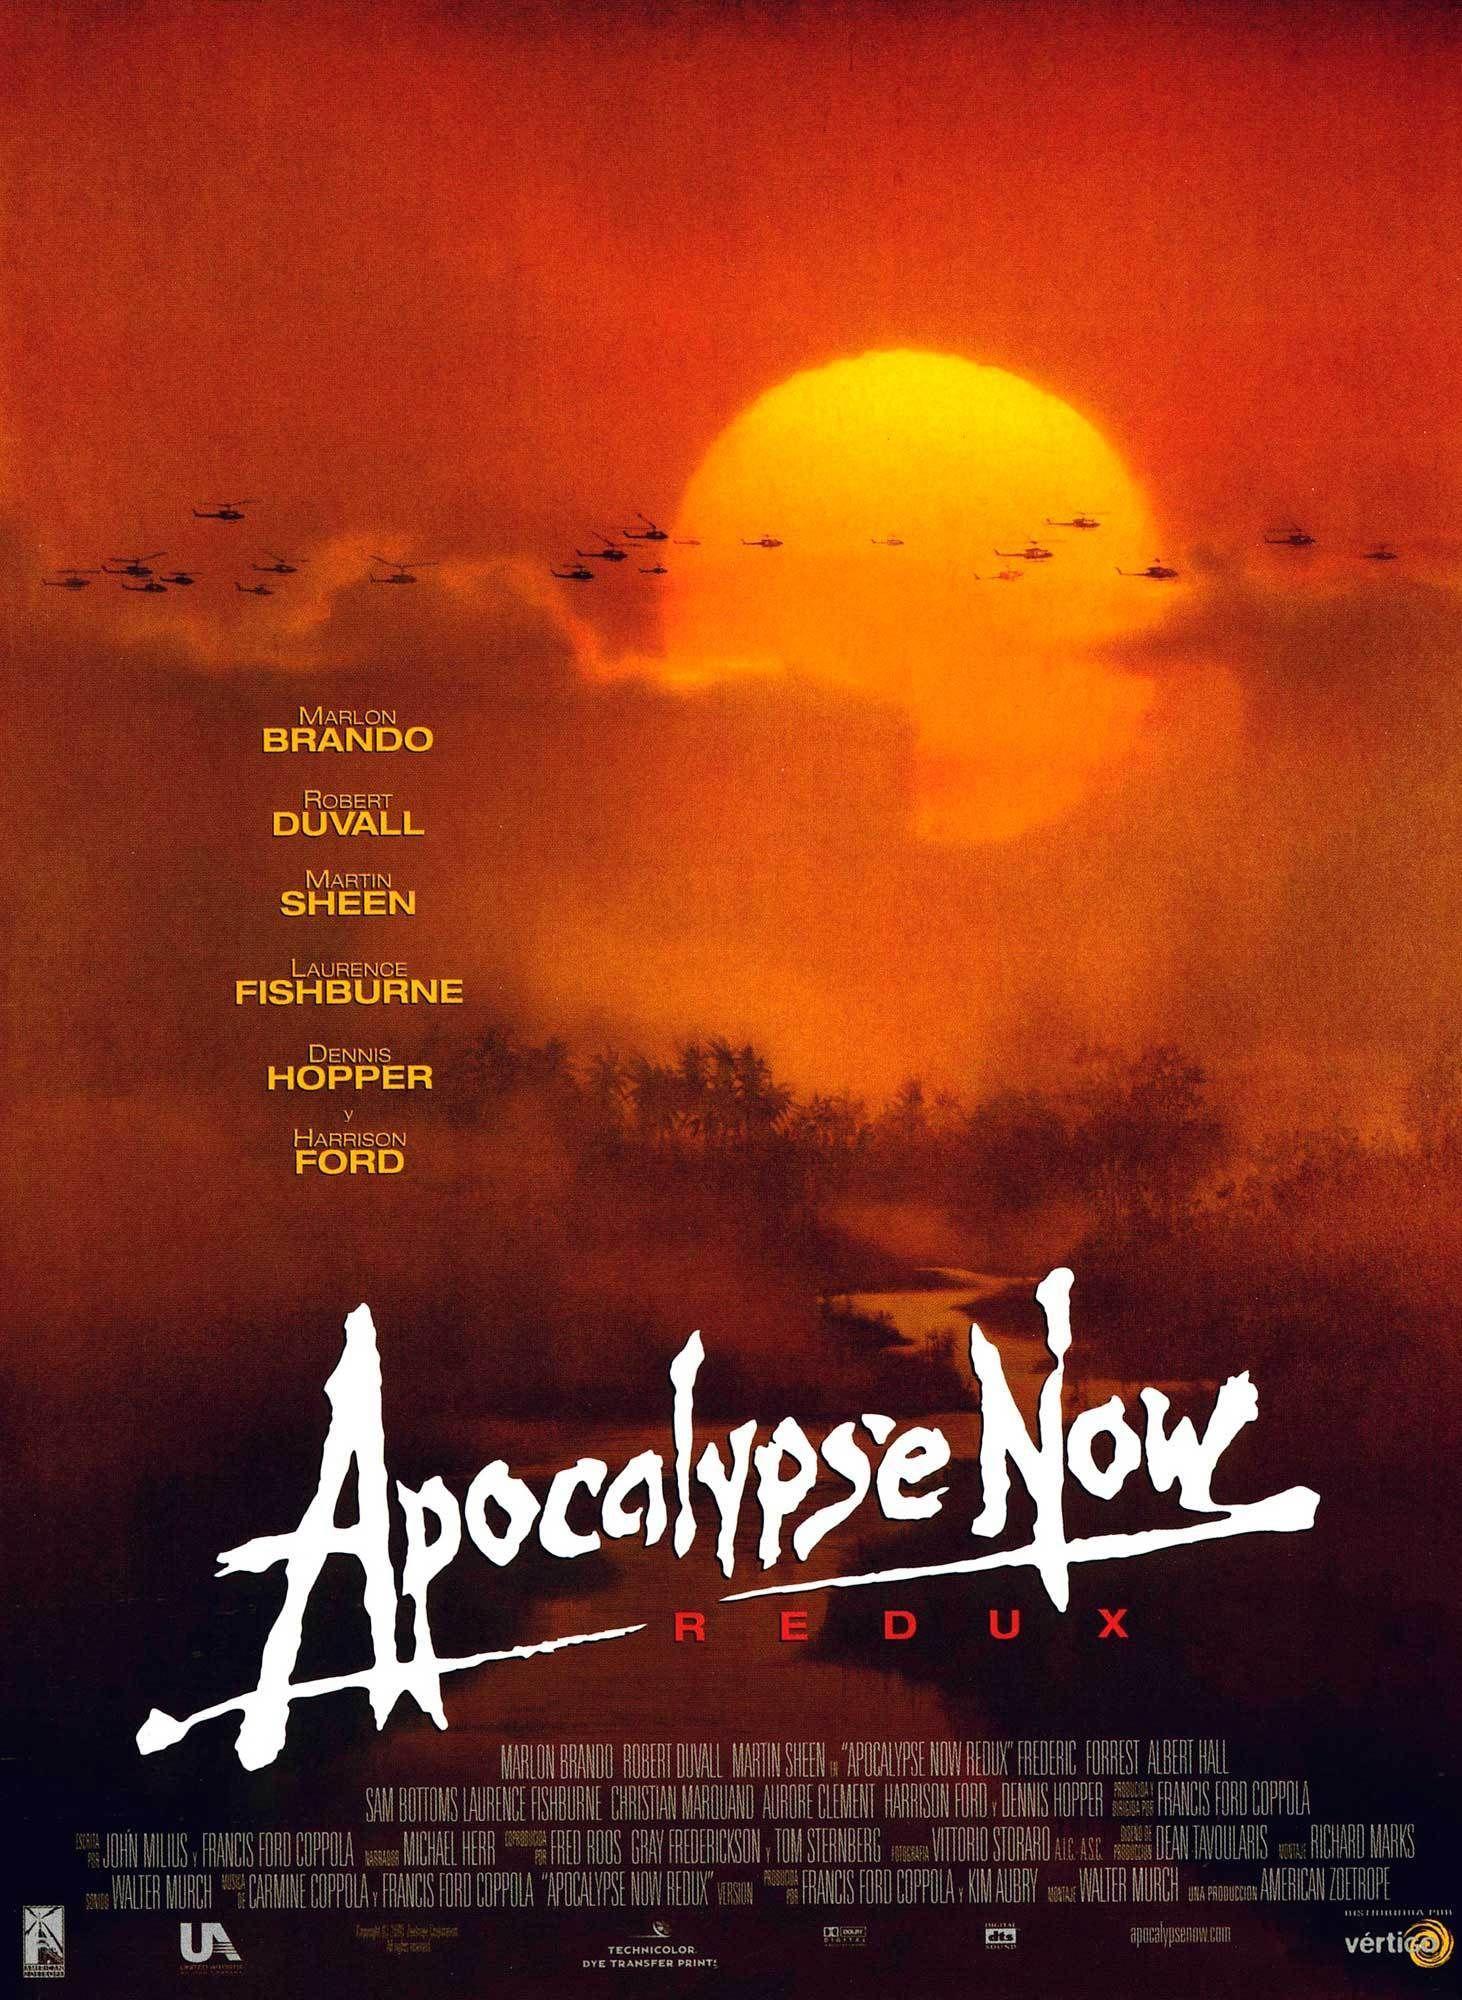 Apocalypse Now (1979) 9/10